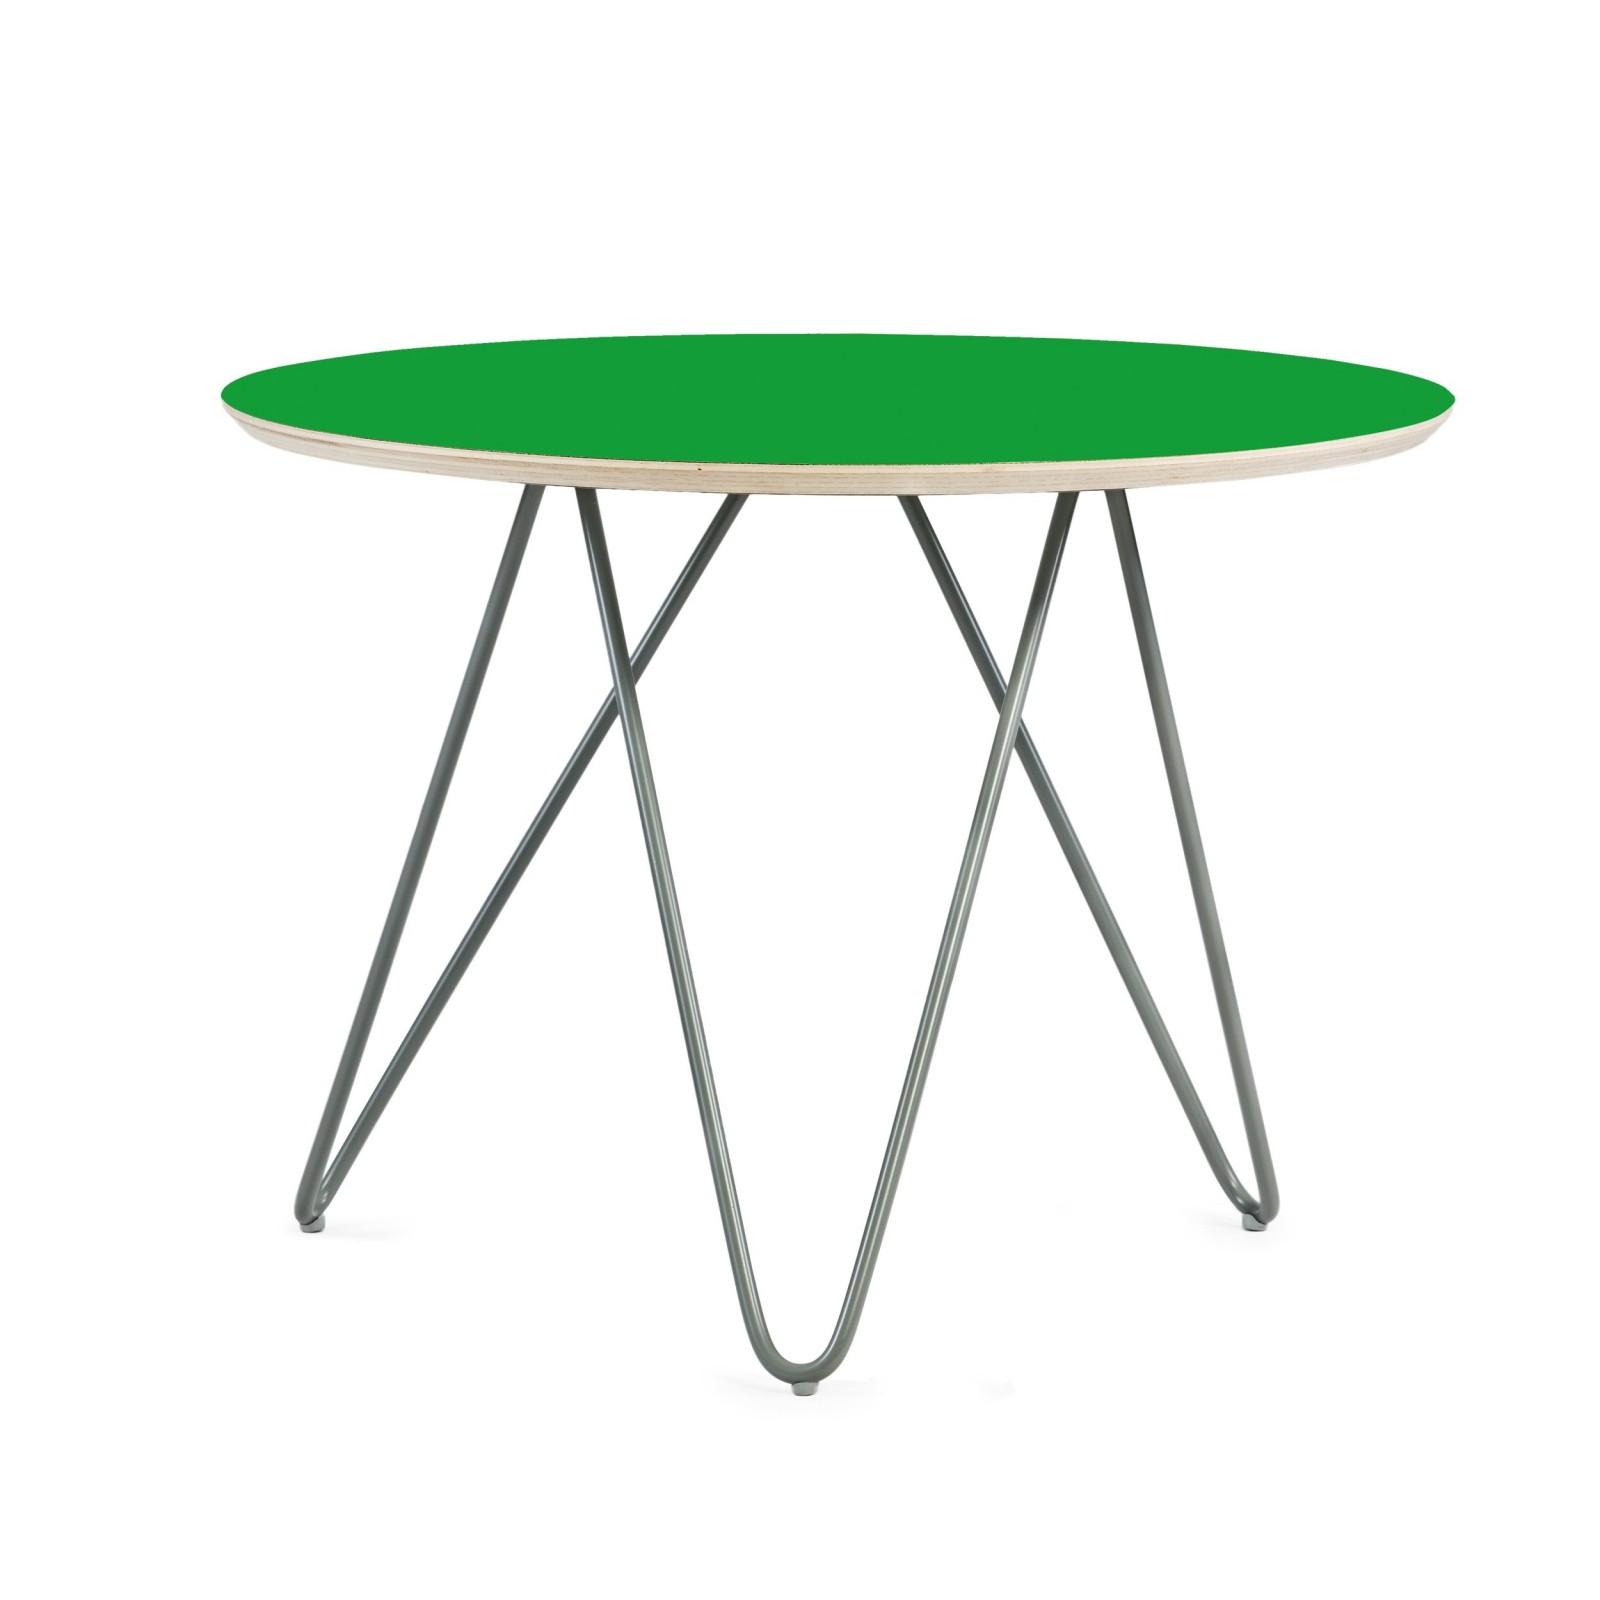 Stolik Zig-Zag R 60 - green